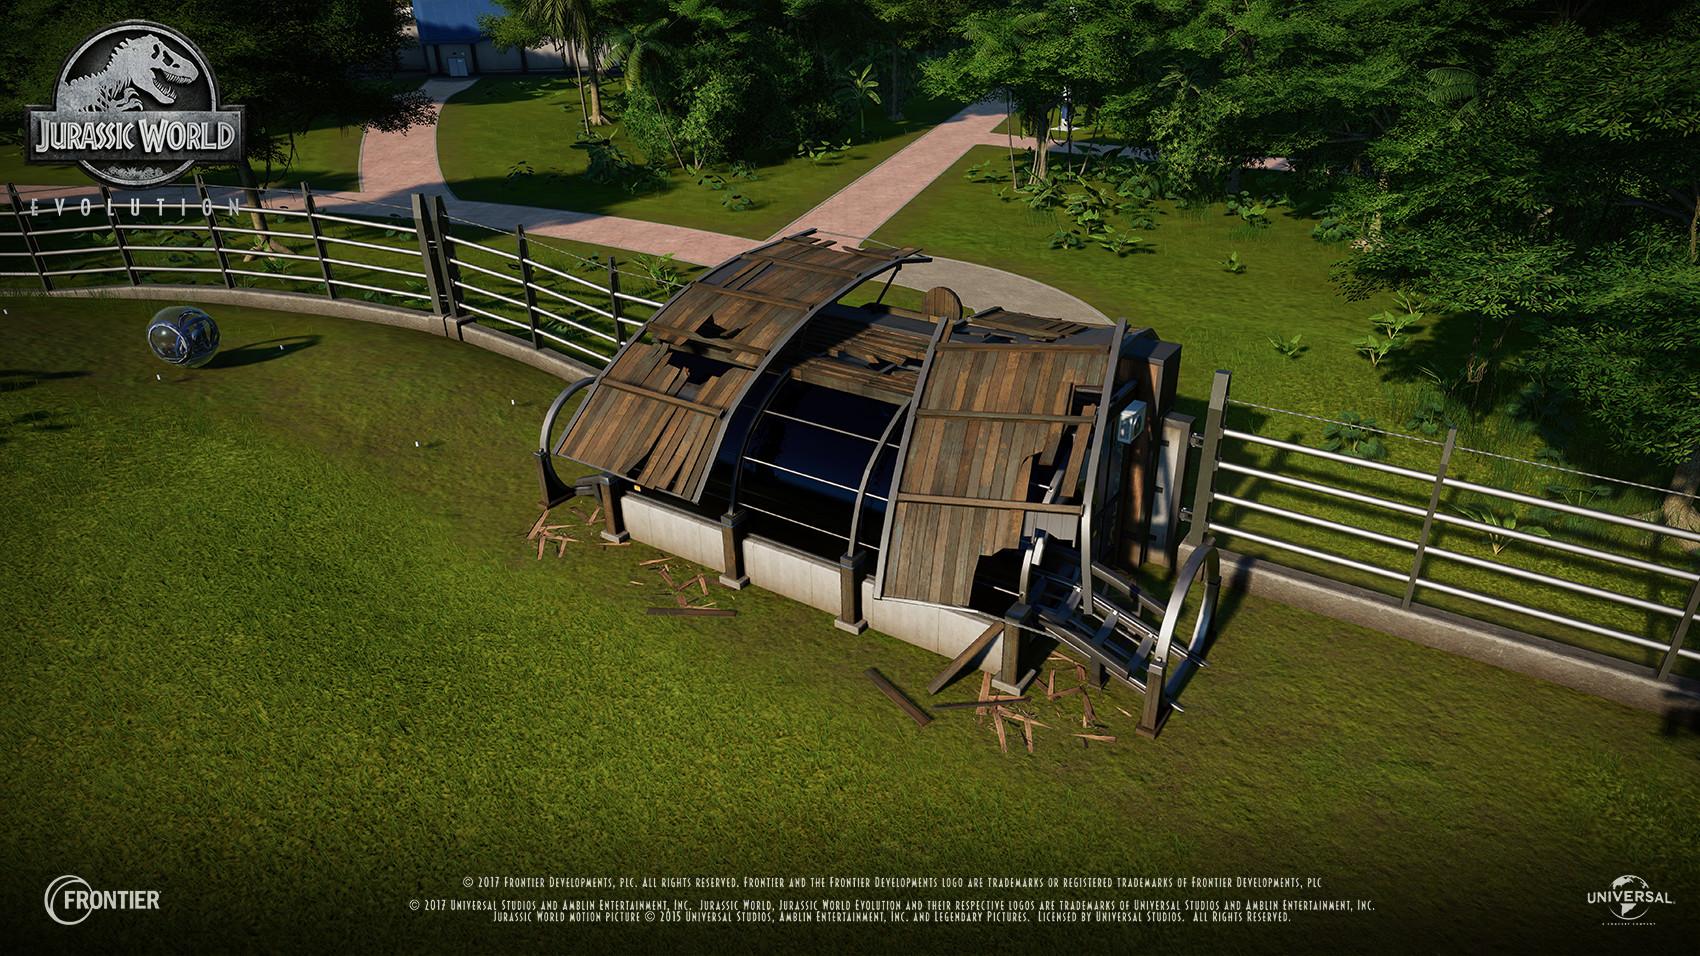 ArtStation - Jurassic World: Evolution, Chelsea Heslop